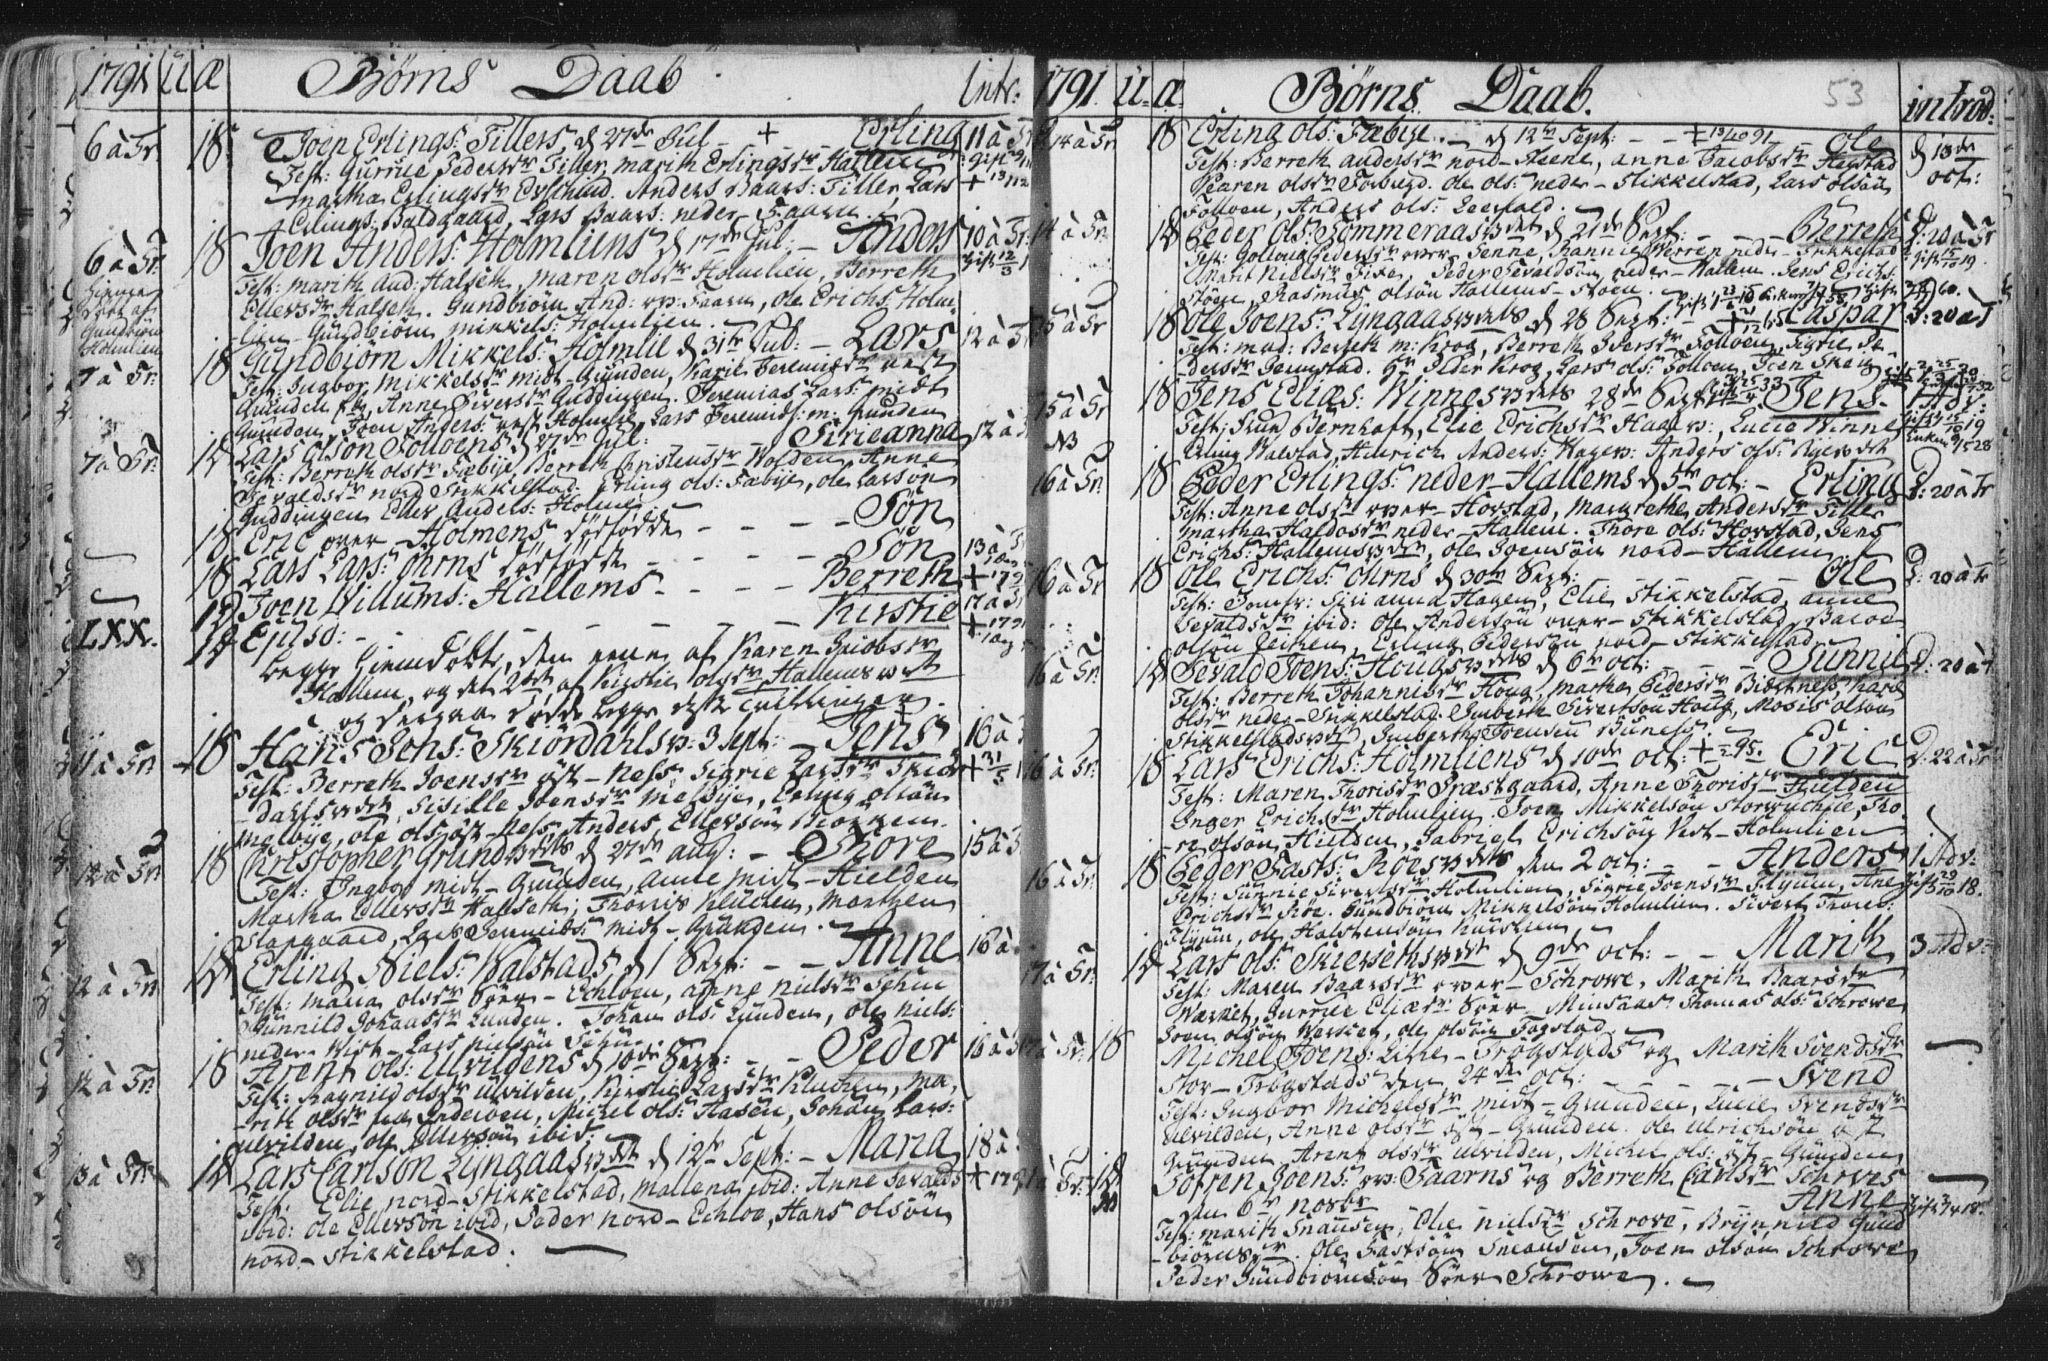 SAT, Ministerialprotokoller, klokkerbøker og fødselsregistre - Nord-Trøndelag, 723/L0232: Ministerialbok nr. 723A03, 1781-1804, s. 53